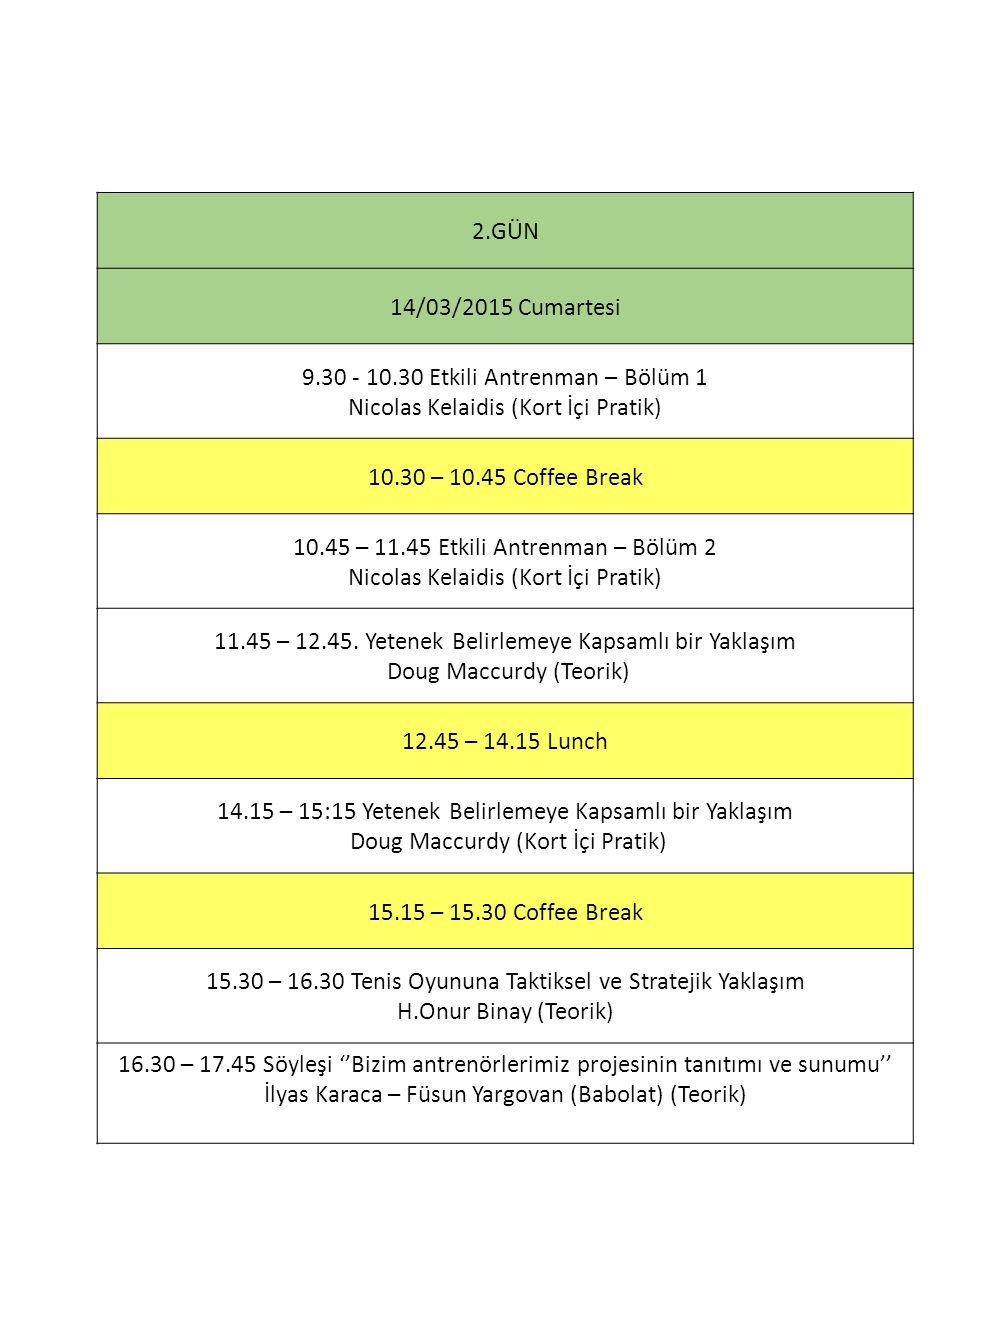 3.GÜN 2/11/2014 Pazar 10.00 – 11.00 Sezon içi kuvvet antrenmanlarını nasıl organize edebiliriz.